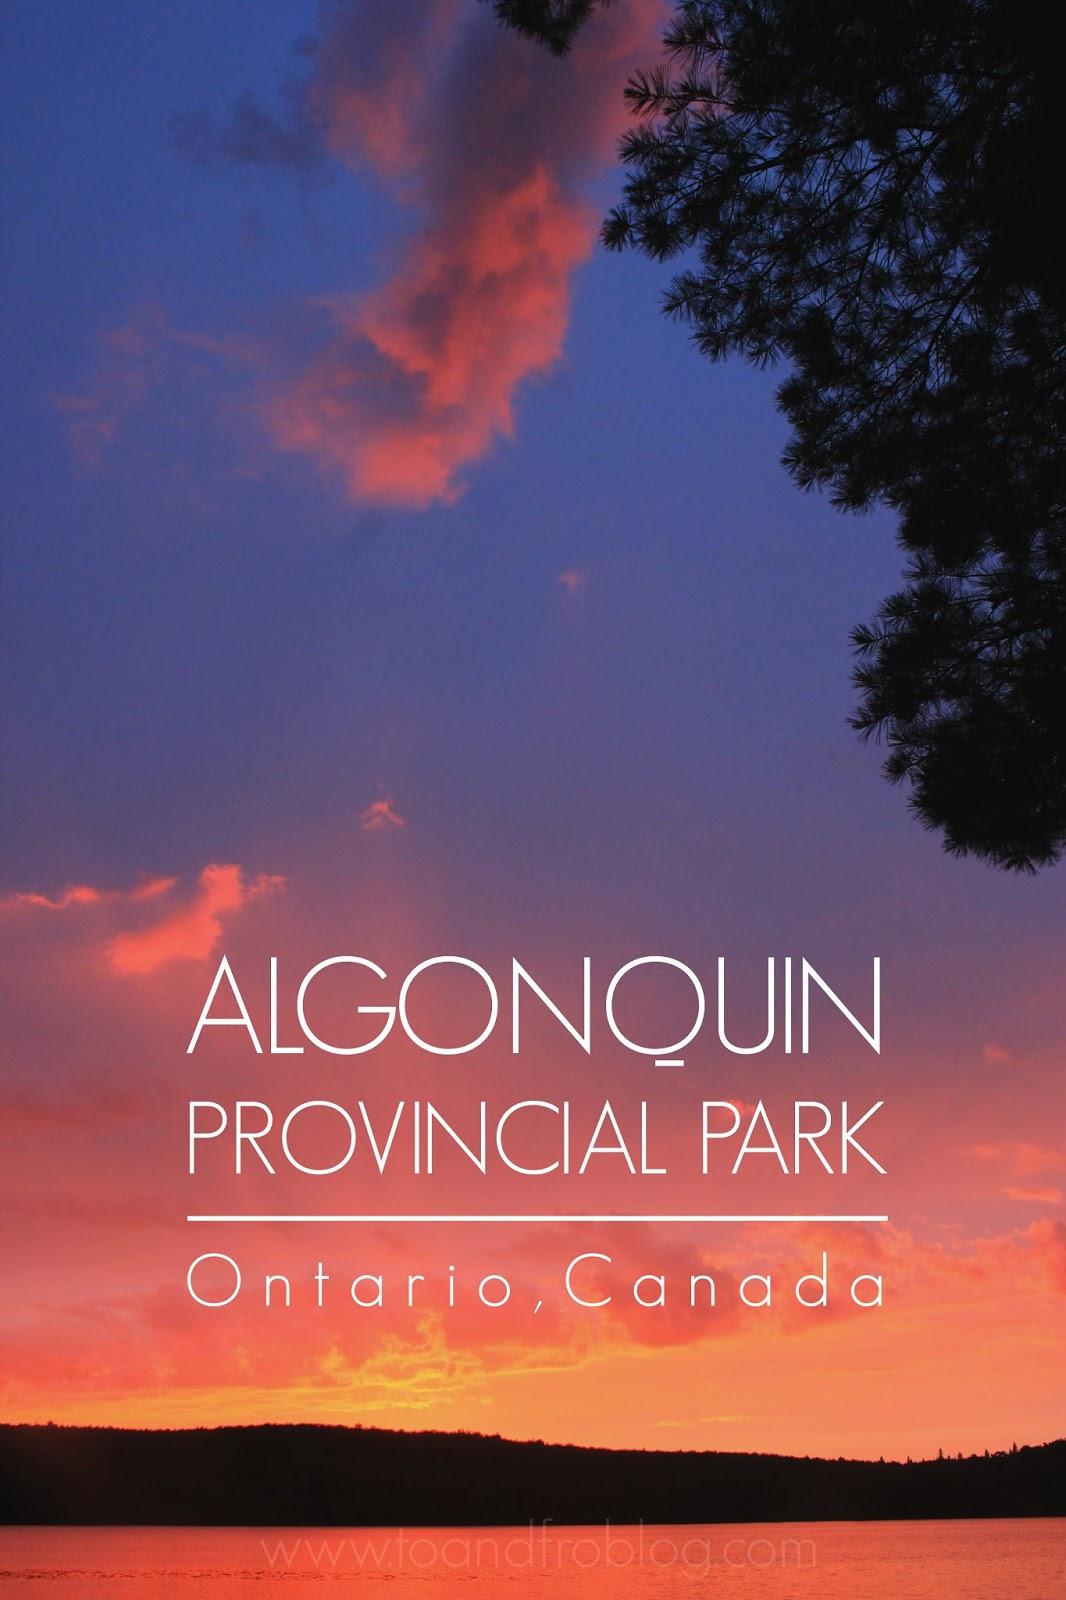 algonquin provincial park, ontario canada